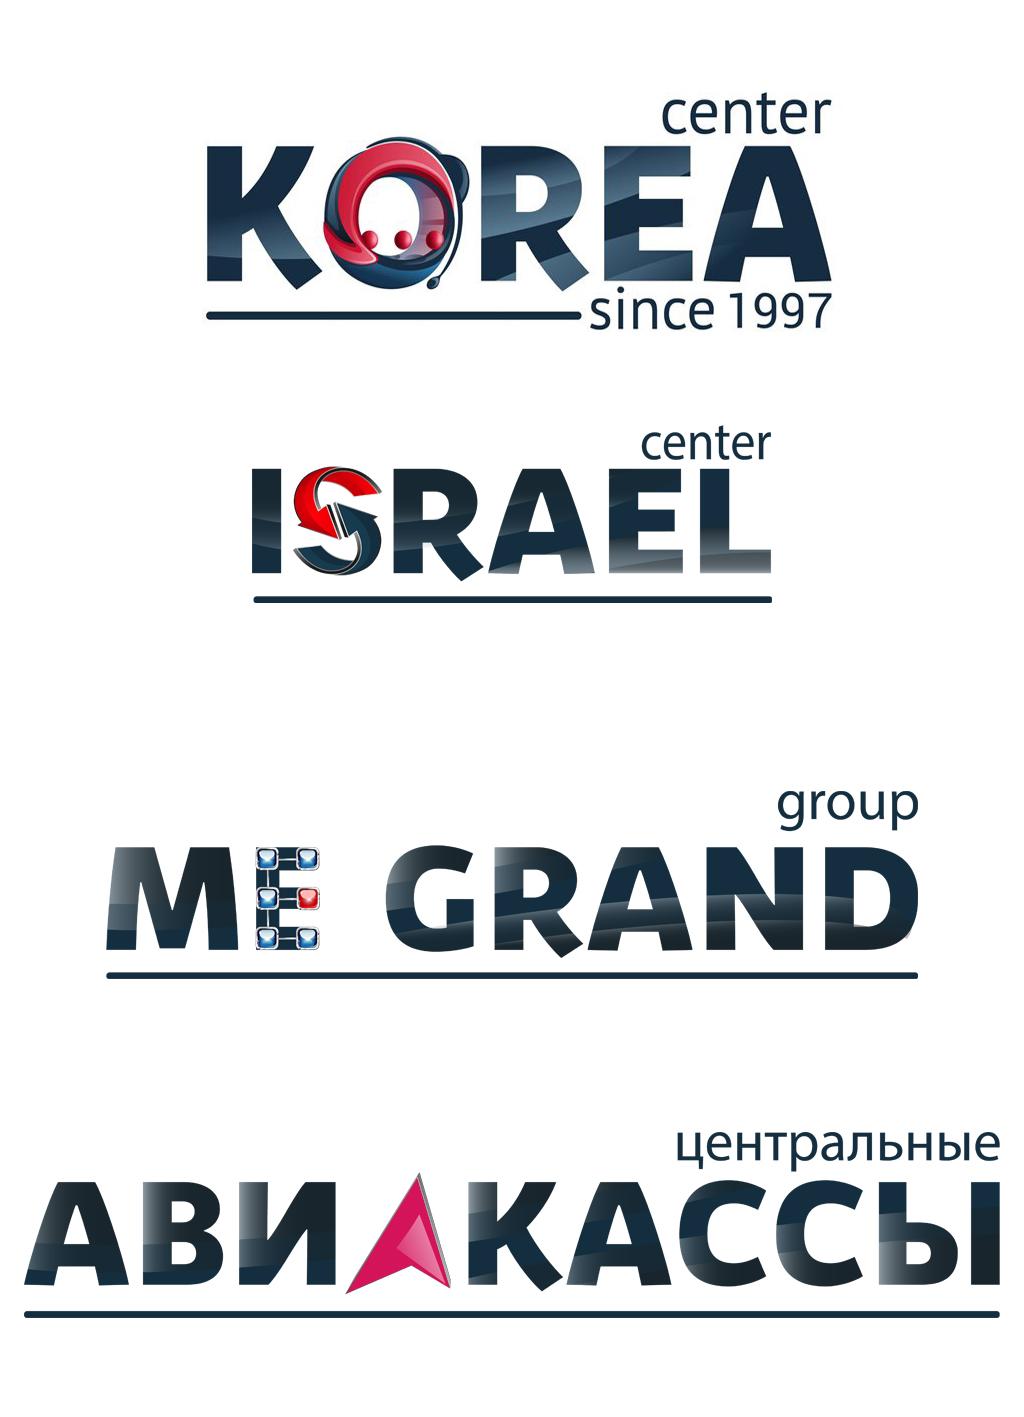 Разработка логотипов и фирменного стиля  фото f_0645d00f605a0a8d.jpg